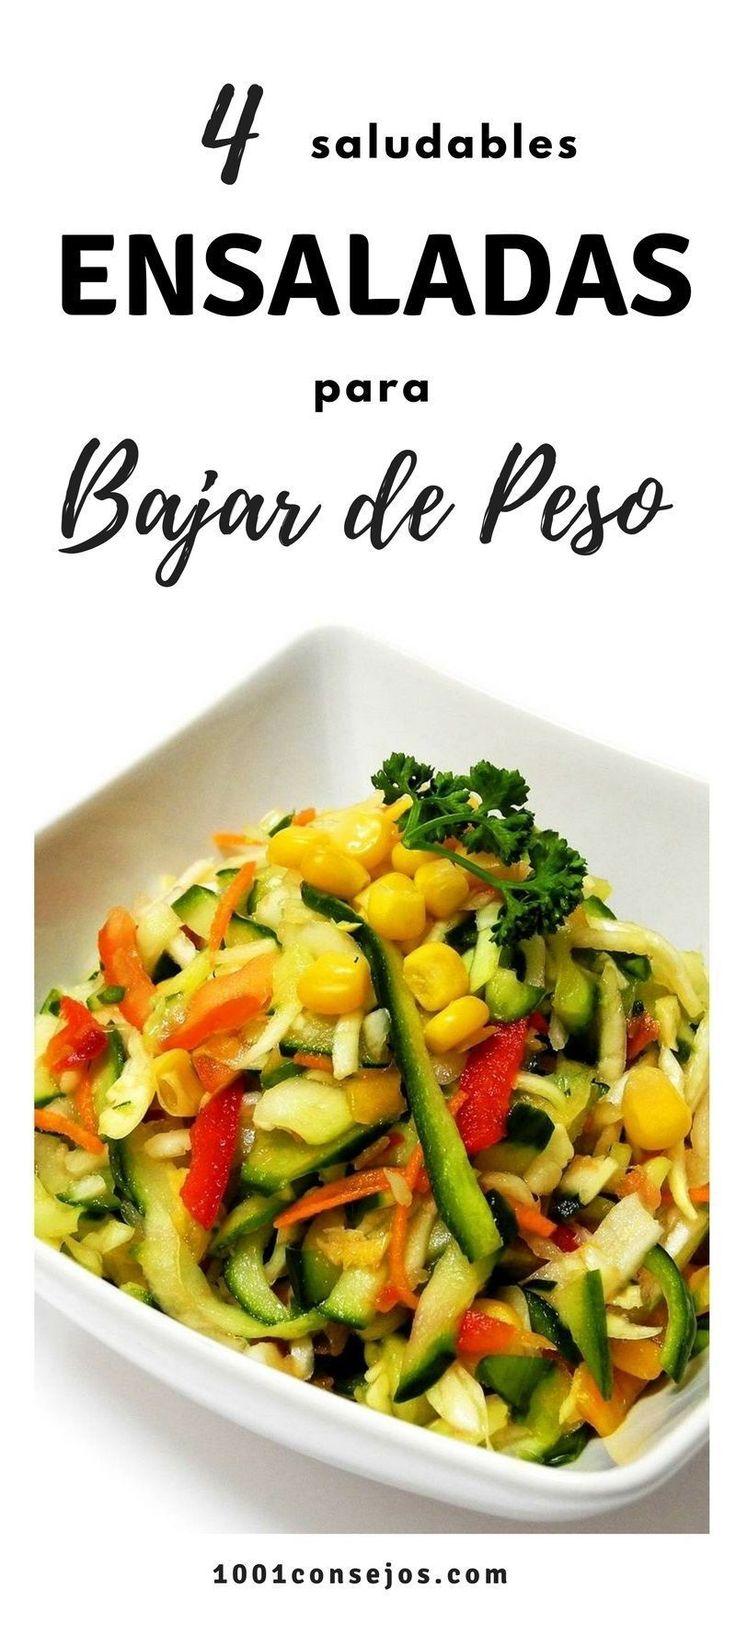 Aprende cómo preparar estas 4 deliciosas ensaladas para adelgazar. Son saludables y muy fáciles de preparar. | Dietas para bajar de peso | #fitness #ensaladas #recetasfáciles #dietasana